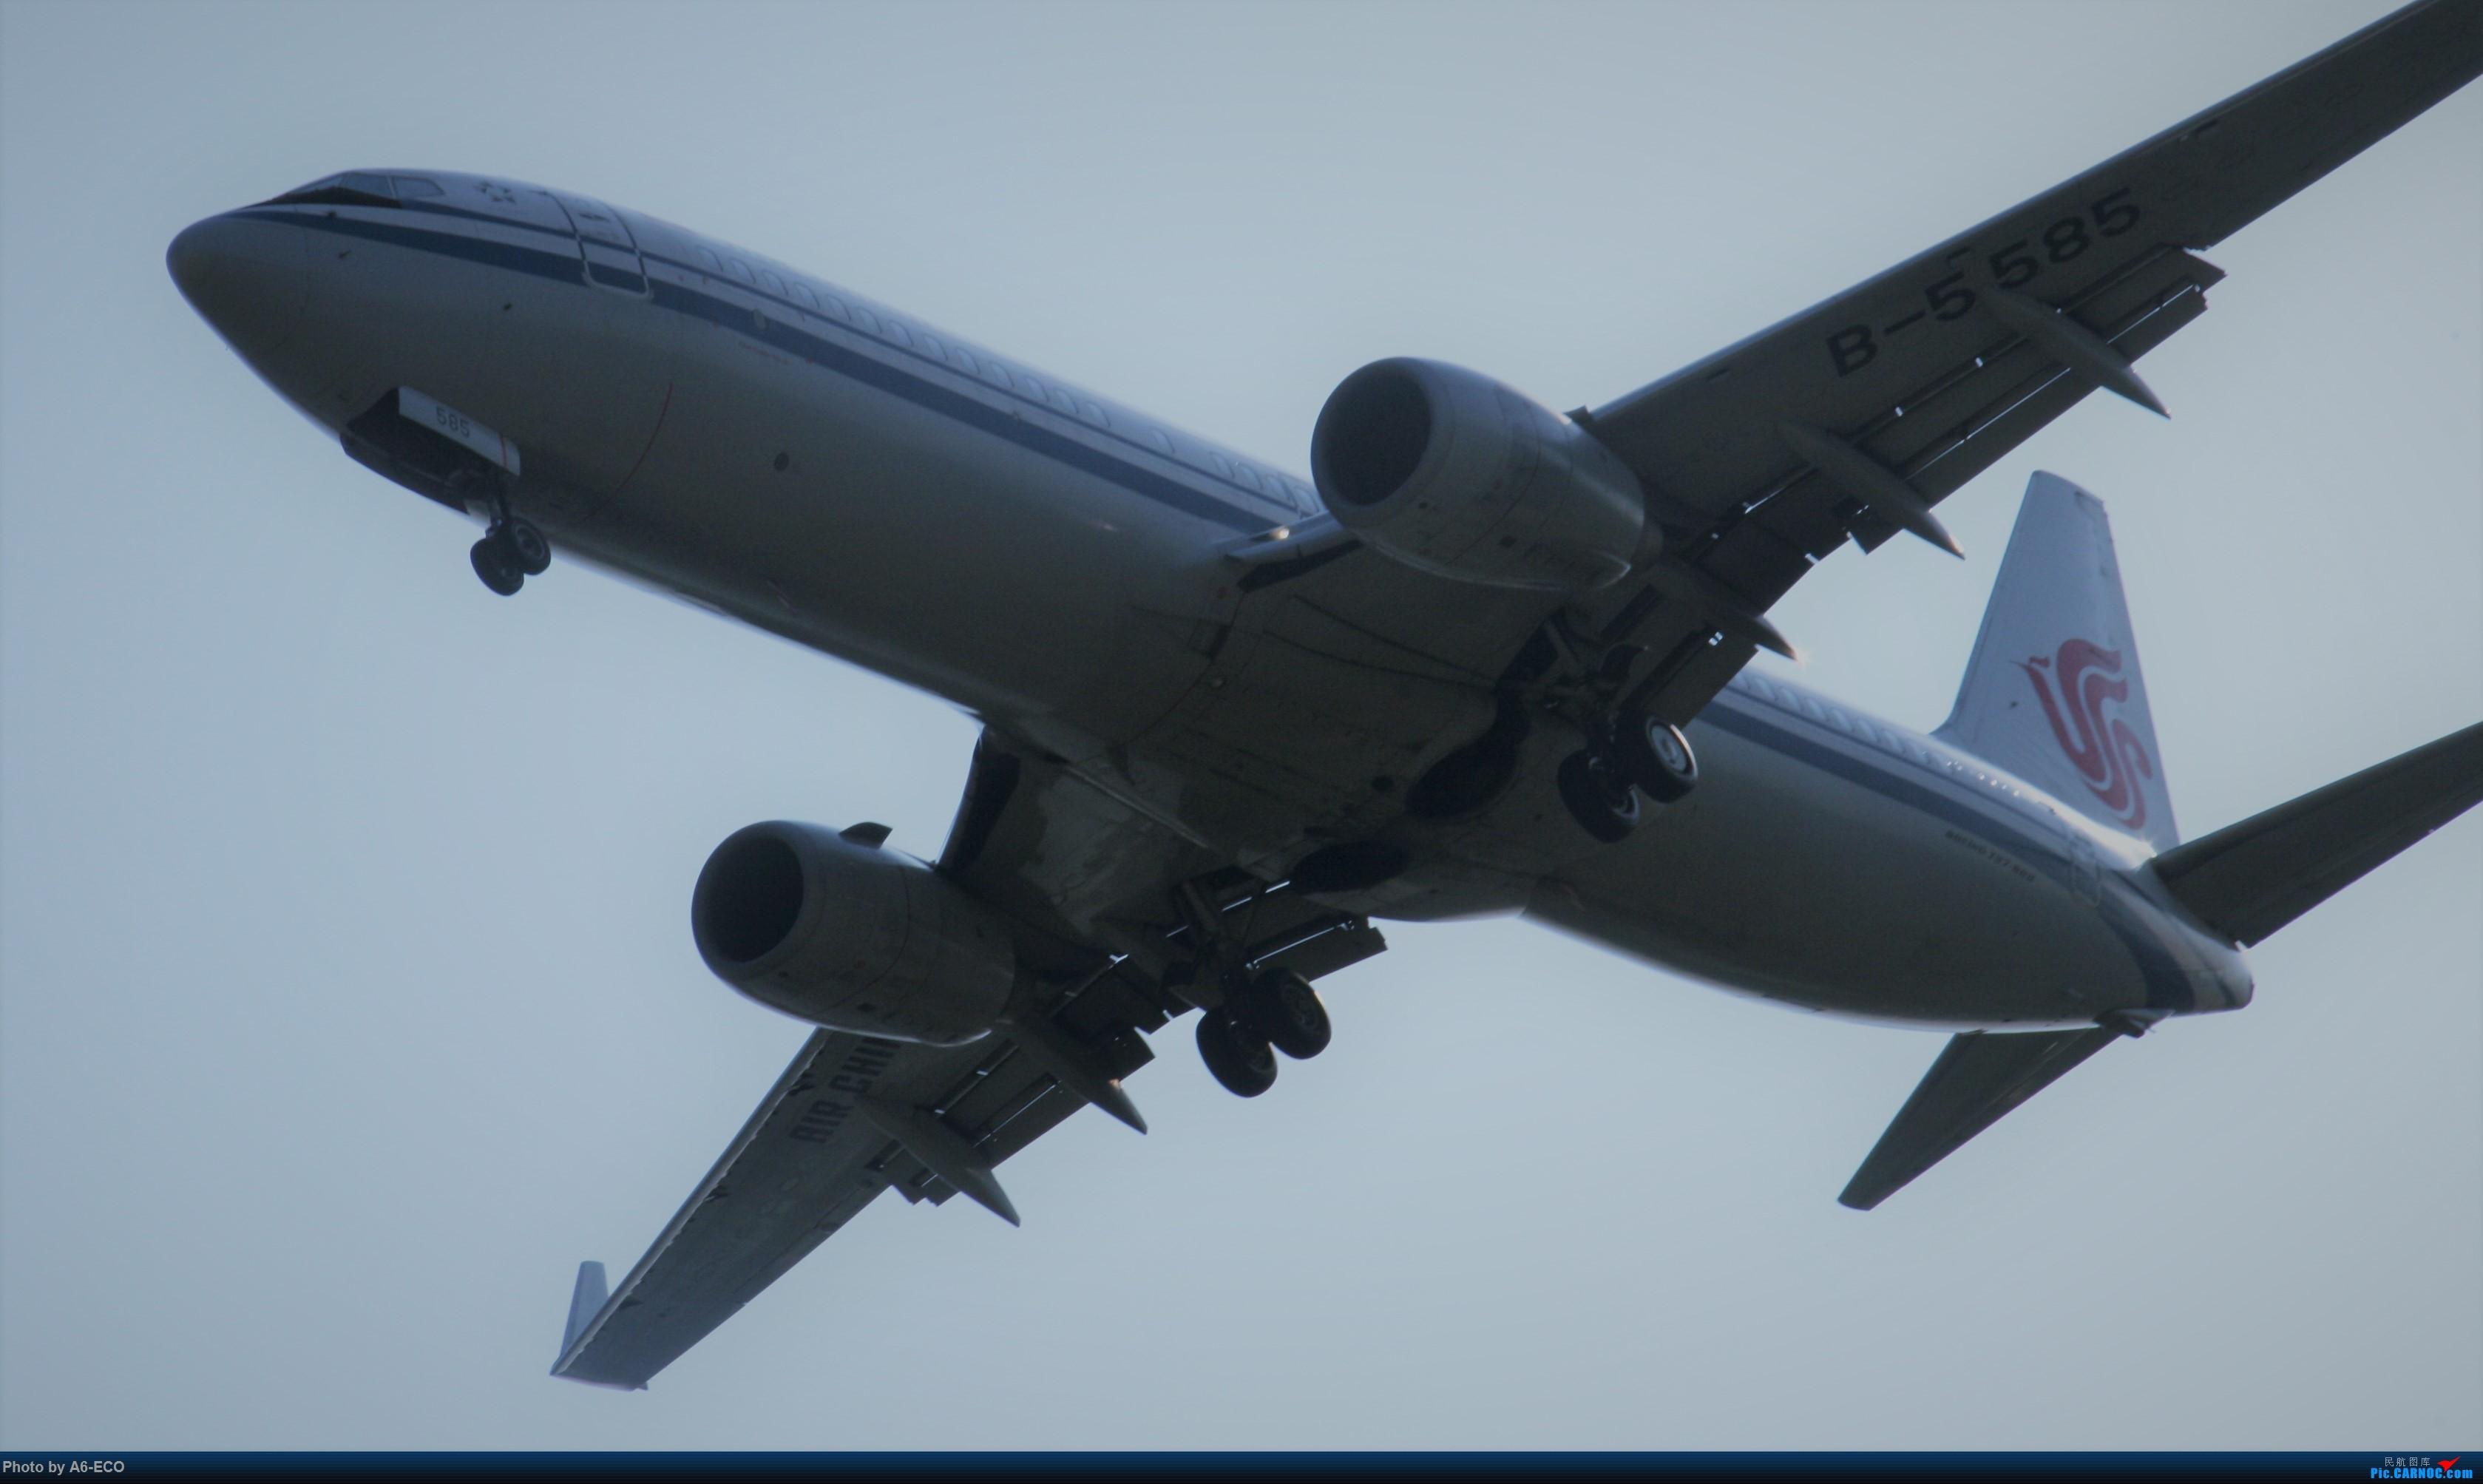 Re:[原创]大家双十一都du'o了什么?我在pek拍机 BOEING 737-800 B-5585 中国北京首都国际机场